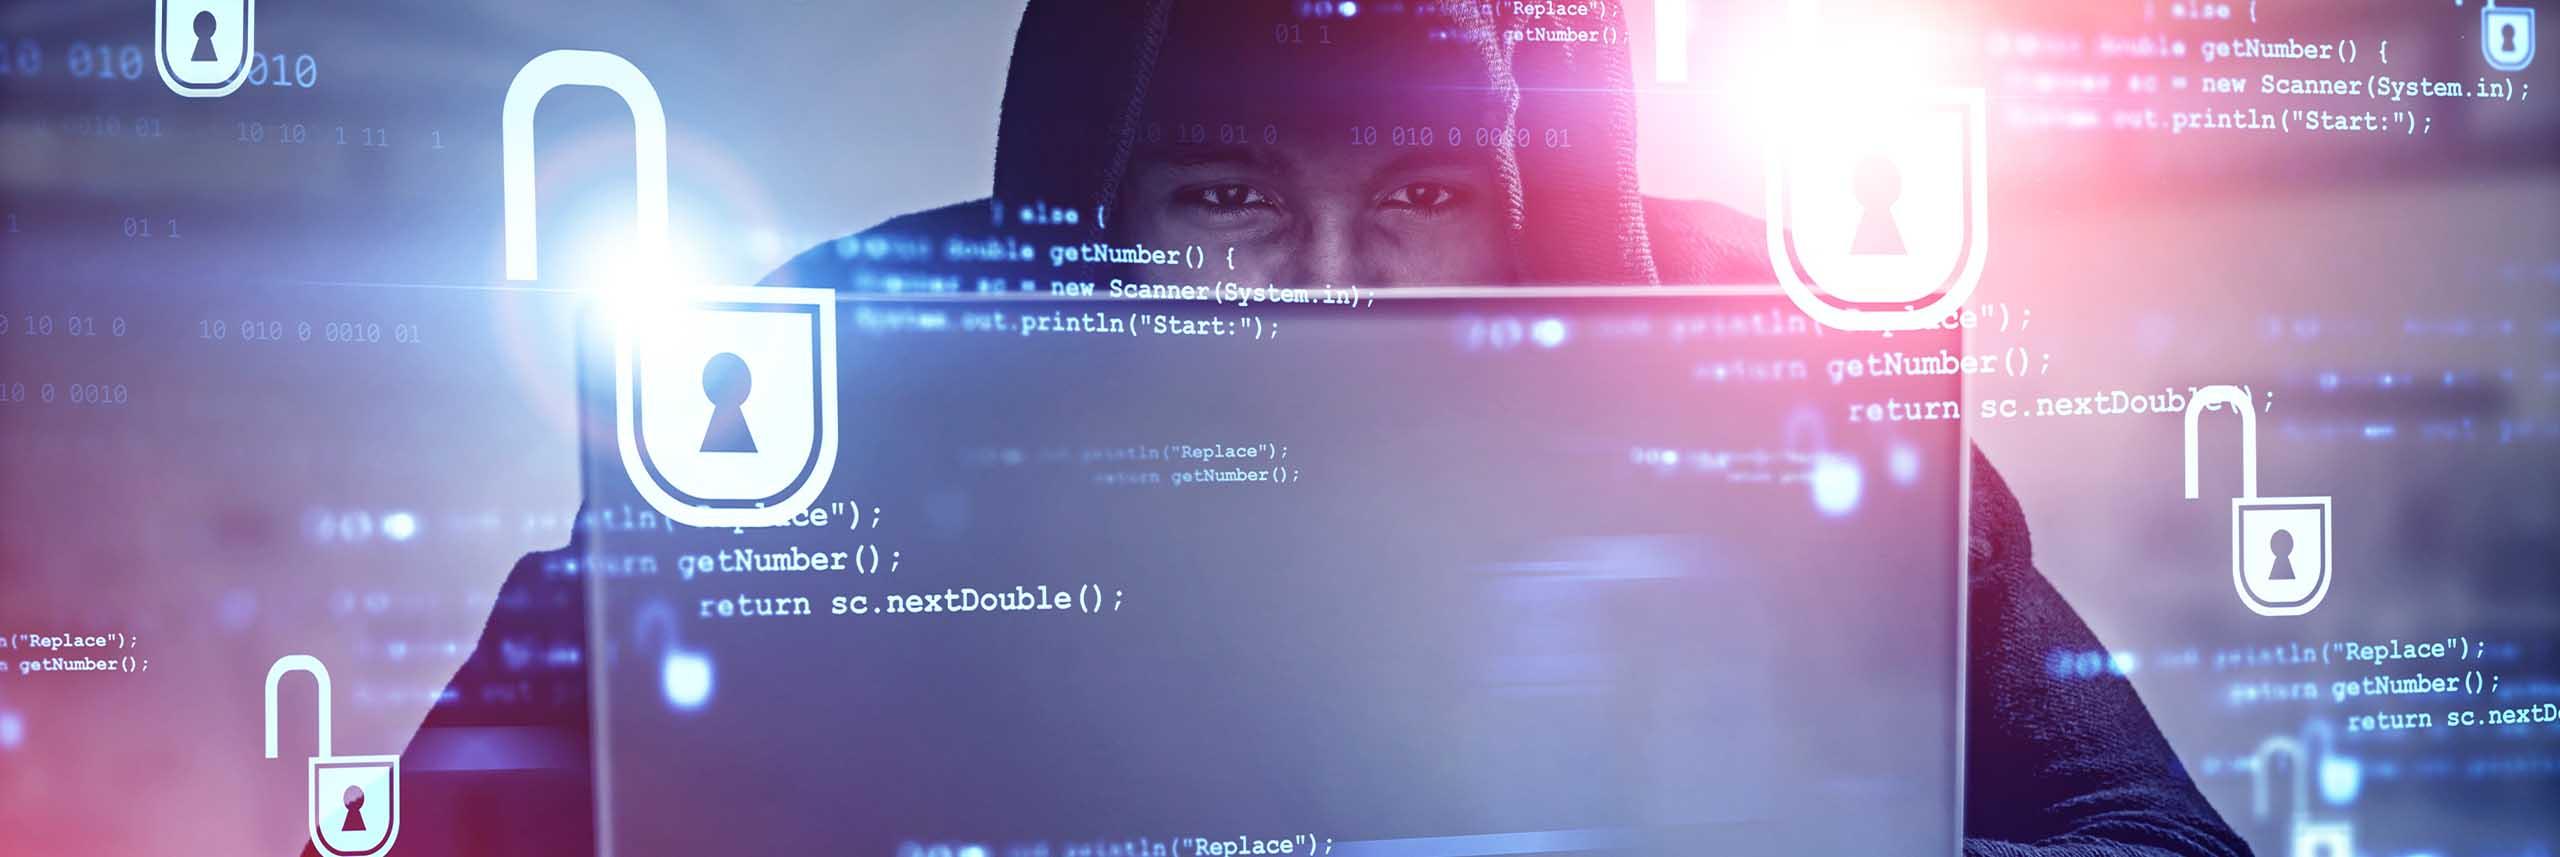 2020-04-15-articolo-Cyber-data-breach-MP